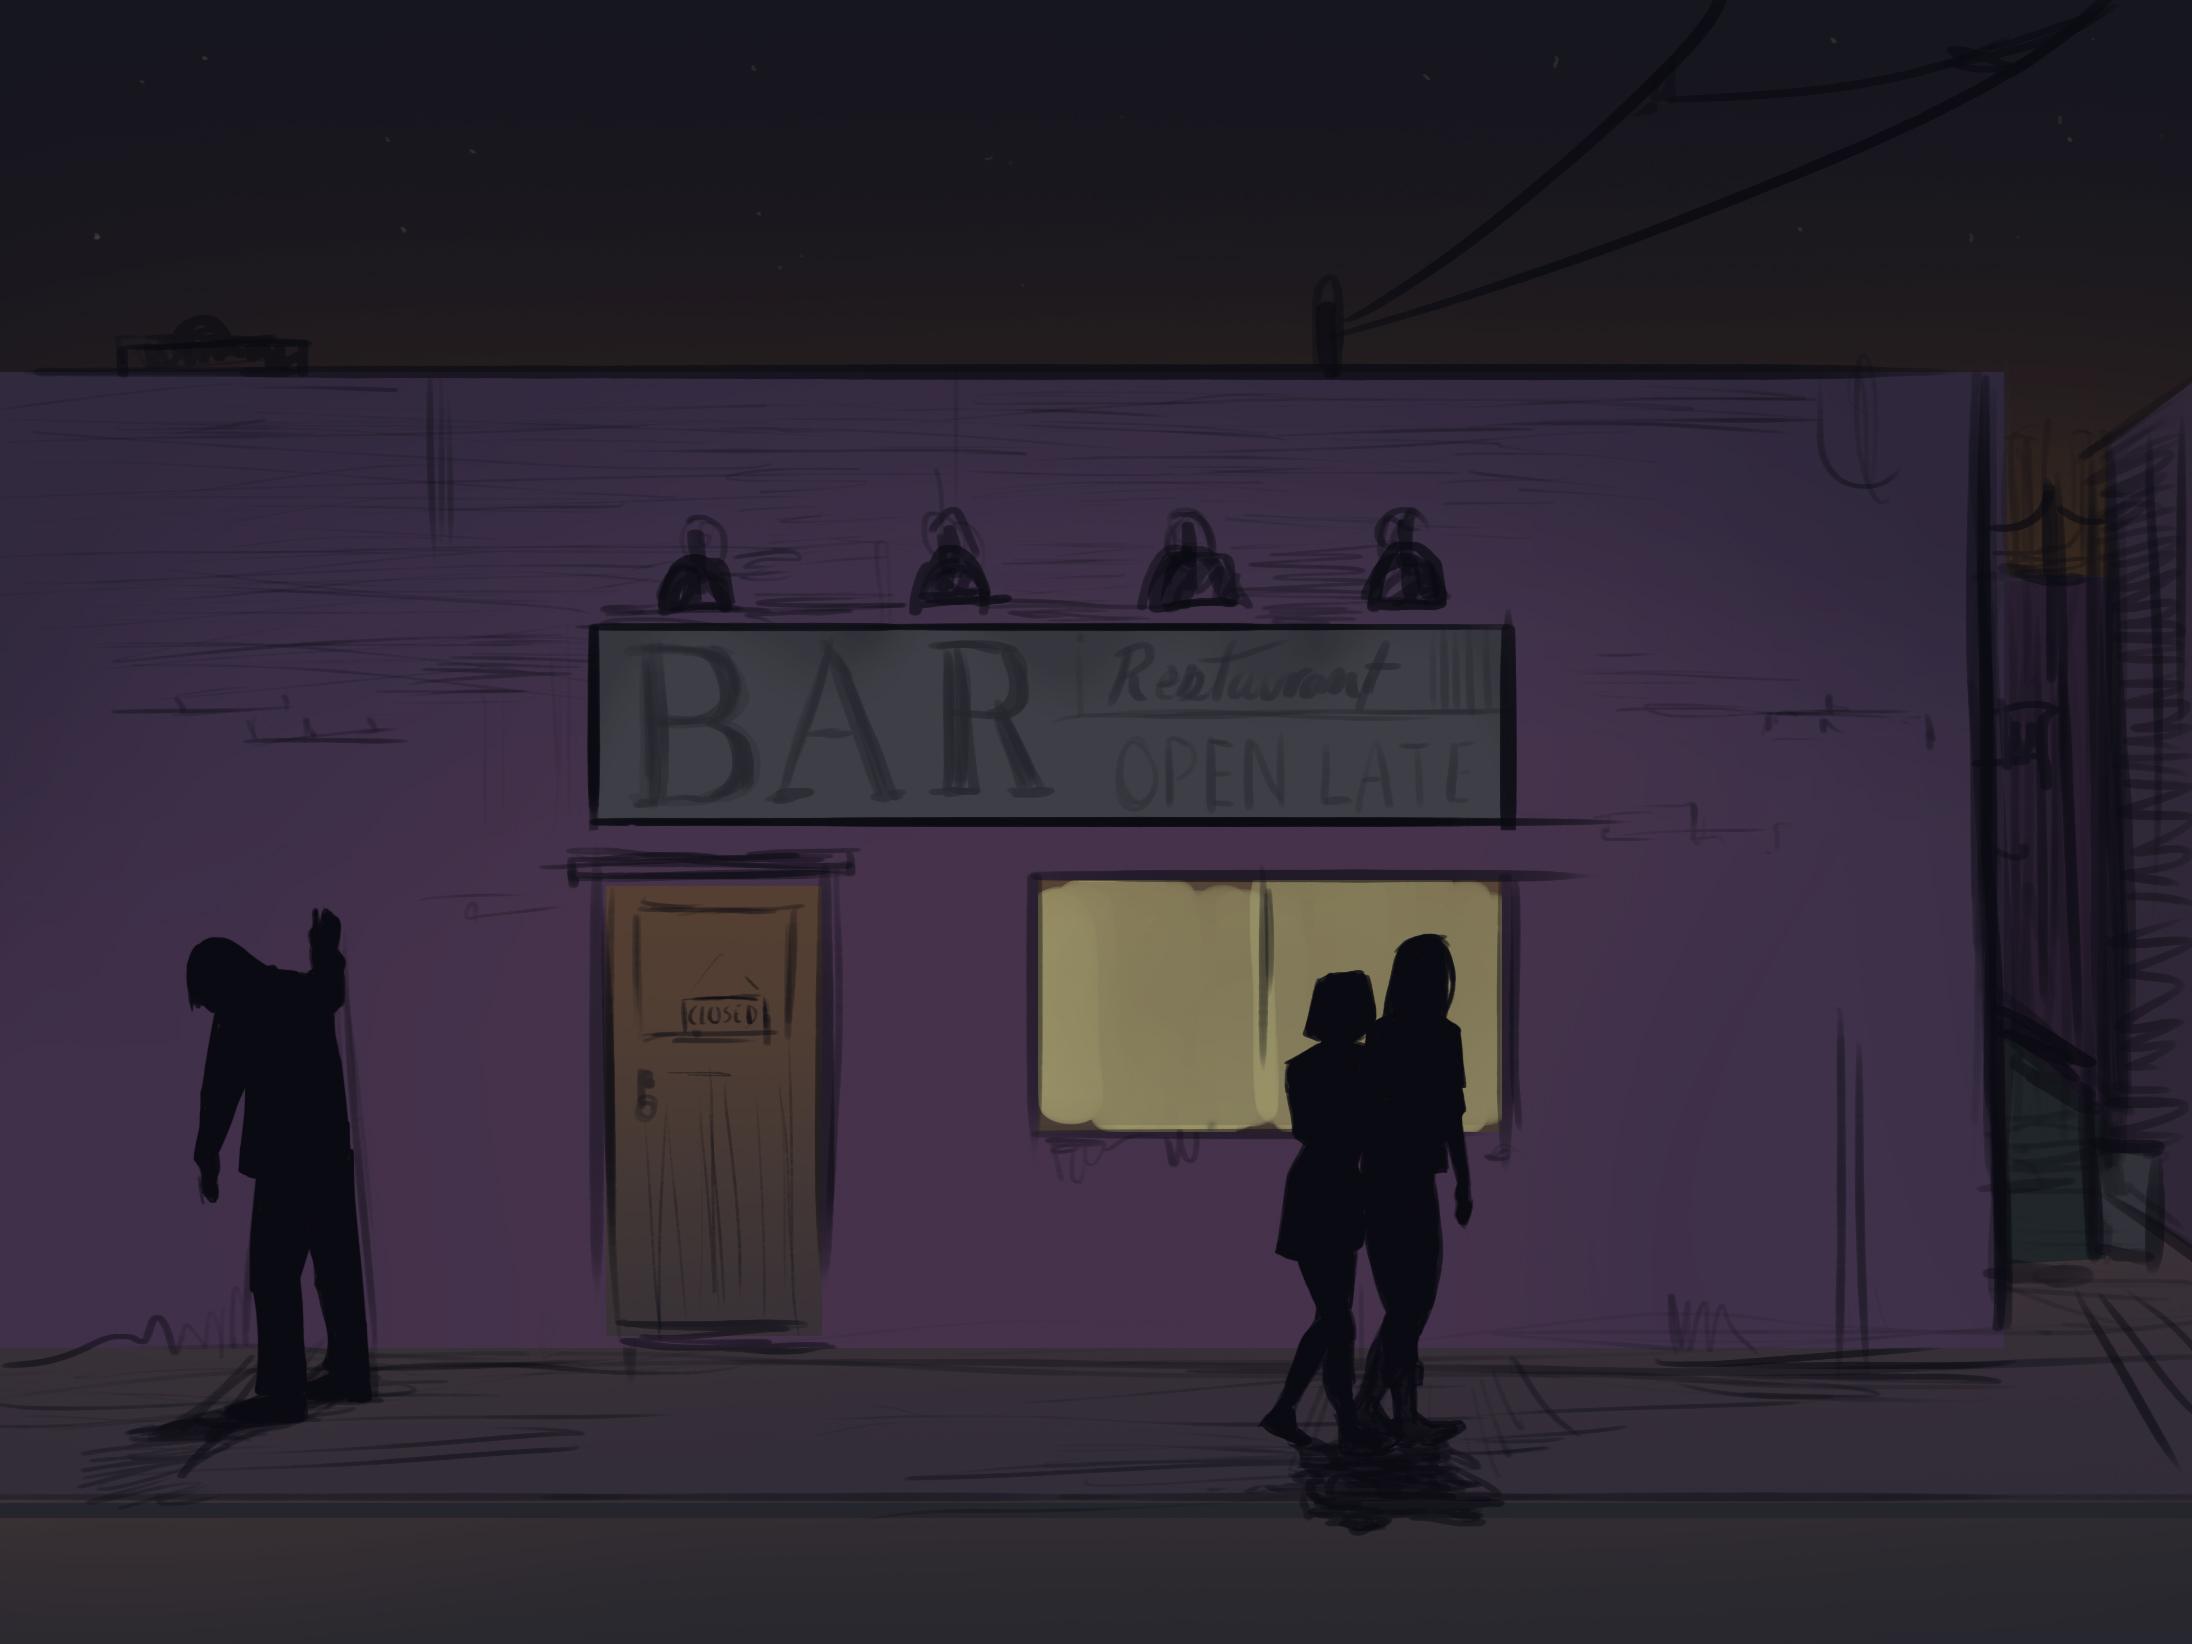 Outside the Bar